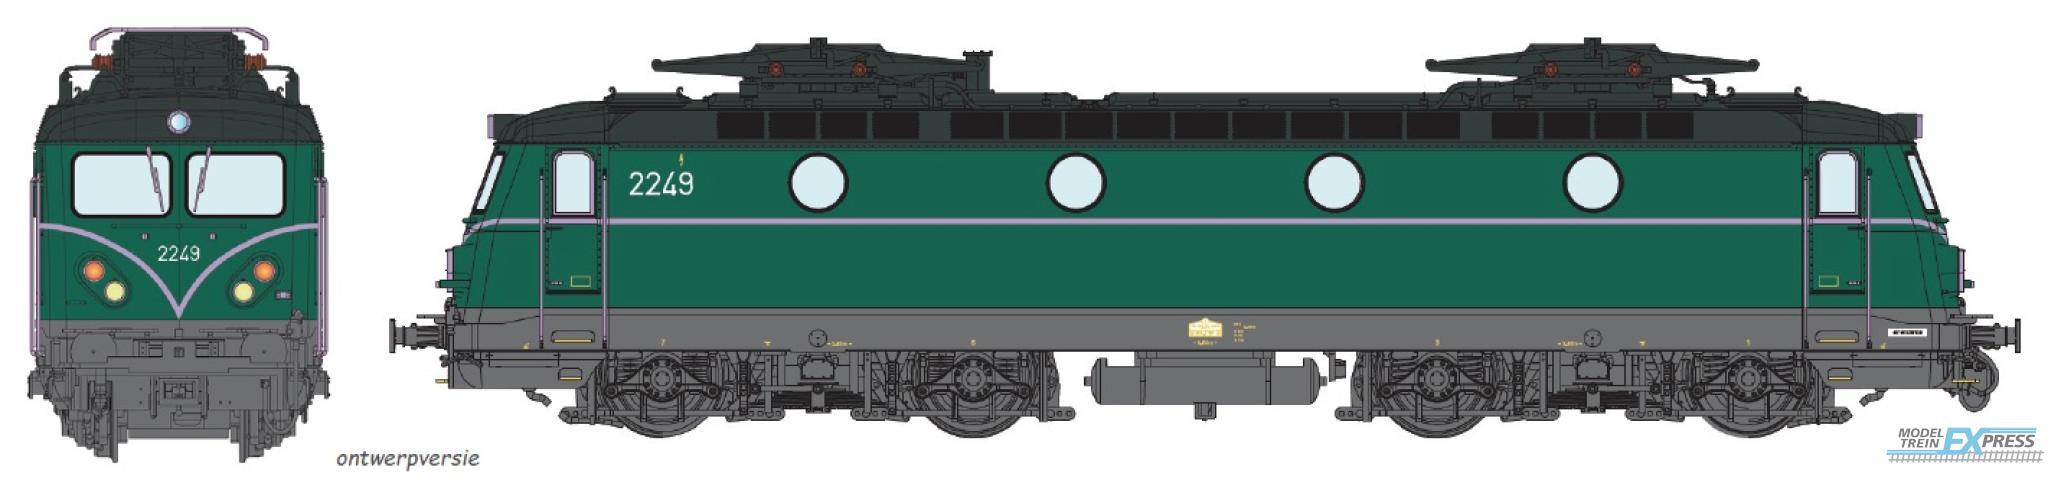 B-Models 3306.06